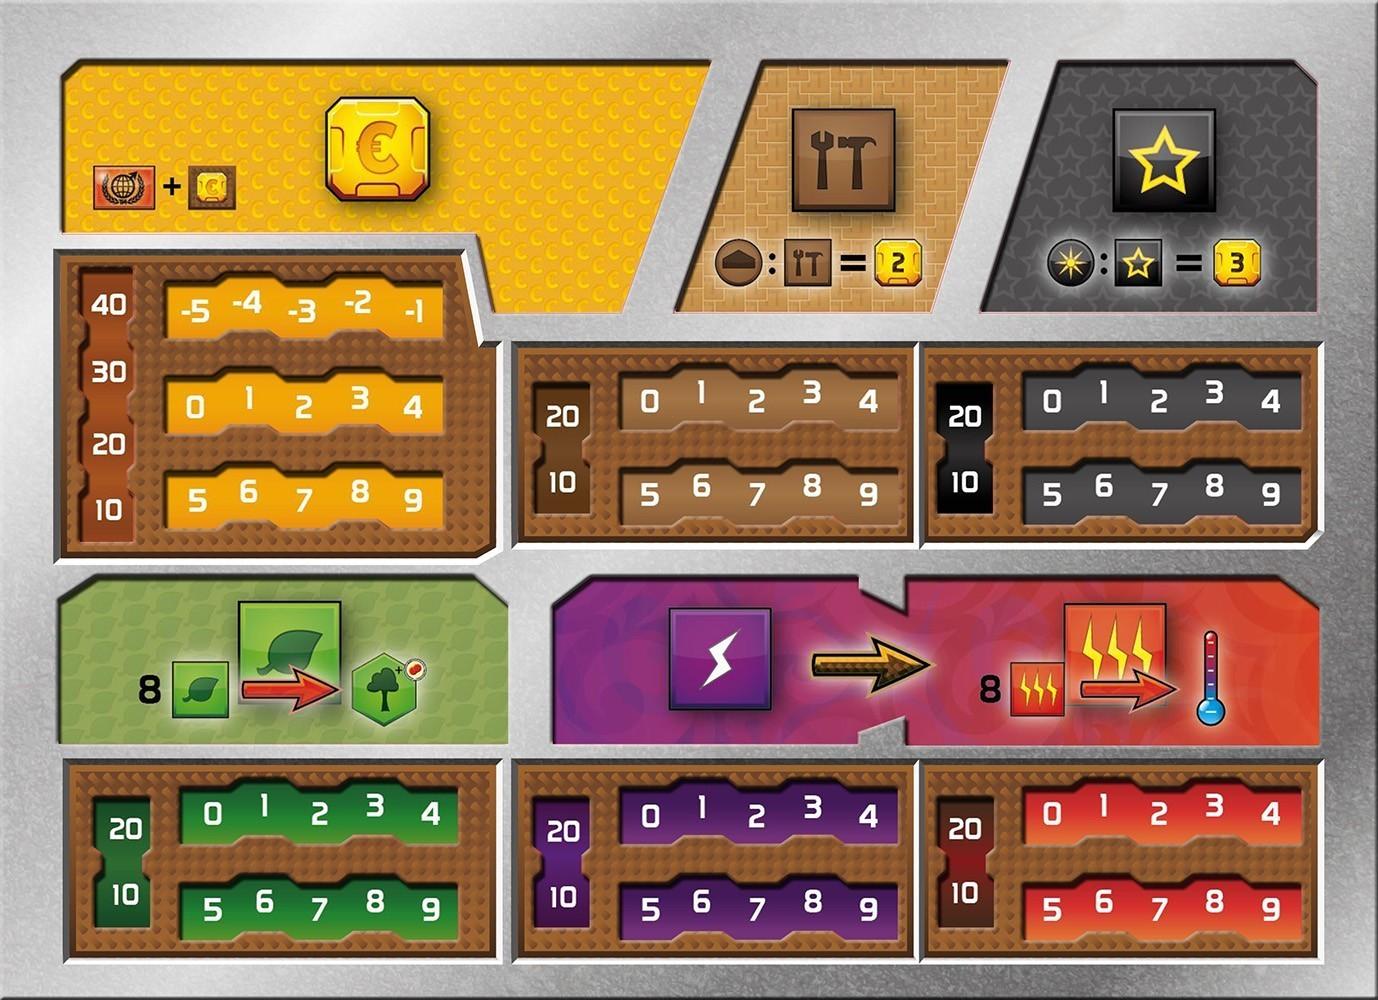 Terraformacja Marsa - Zestaw 5 plansz graczy (przedsprzedaż)